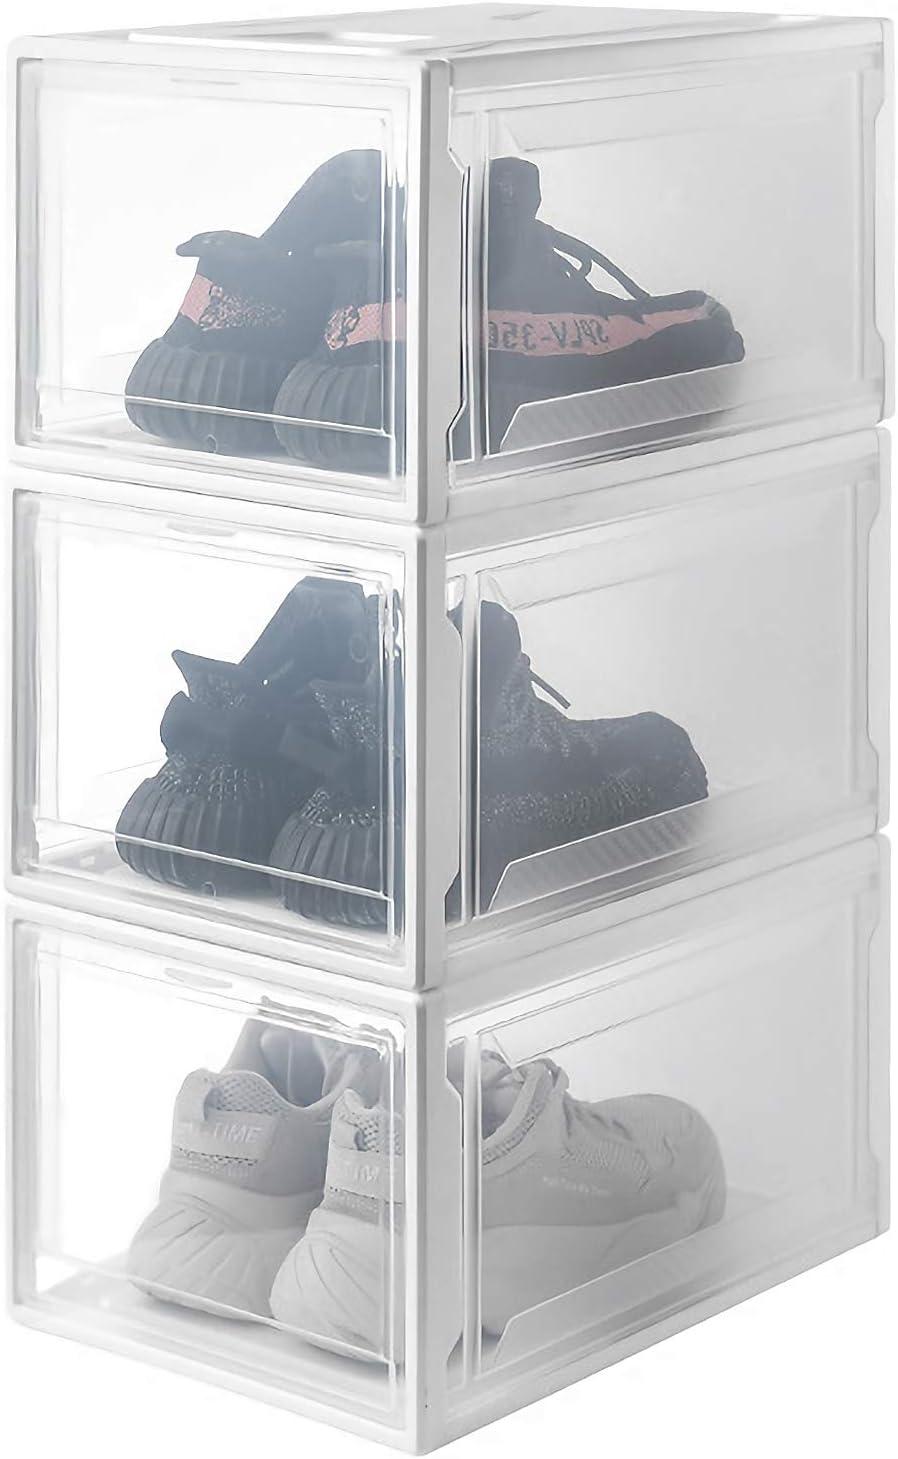 Yorbay Cajas de Zapatos apilable, Paquete de 3, Transparente Plástica,Organizador de Cajas de Almacenamiento de Zapatos Blanco Reutilizable